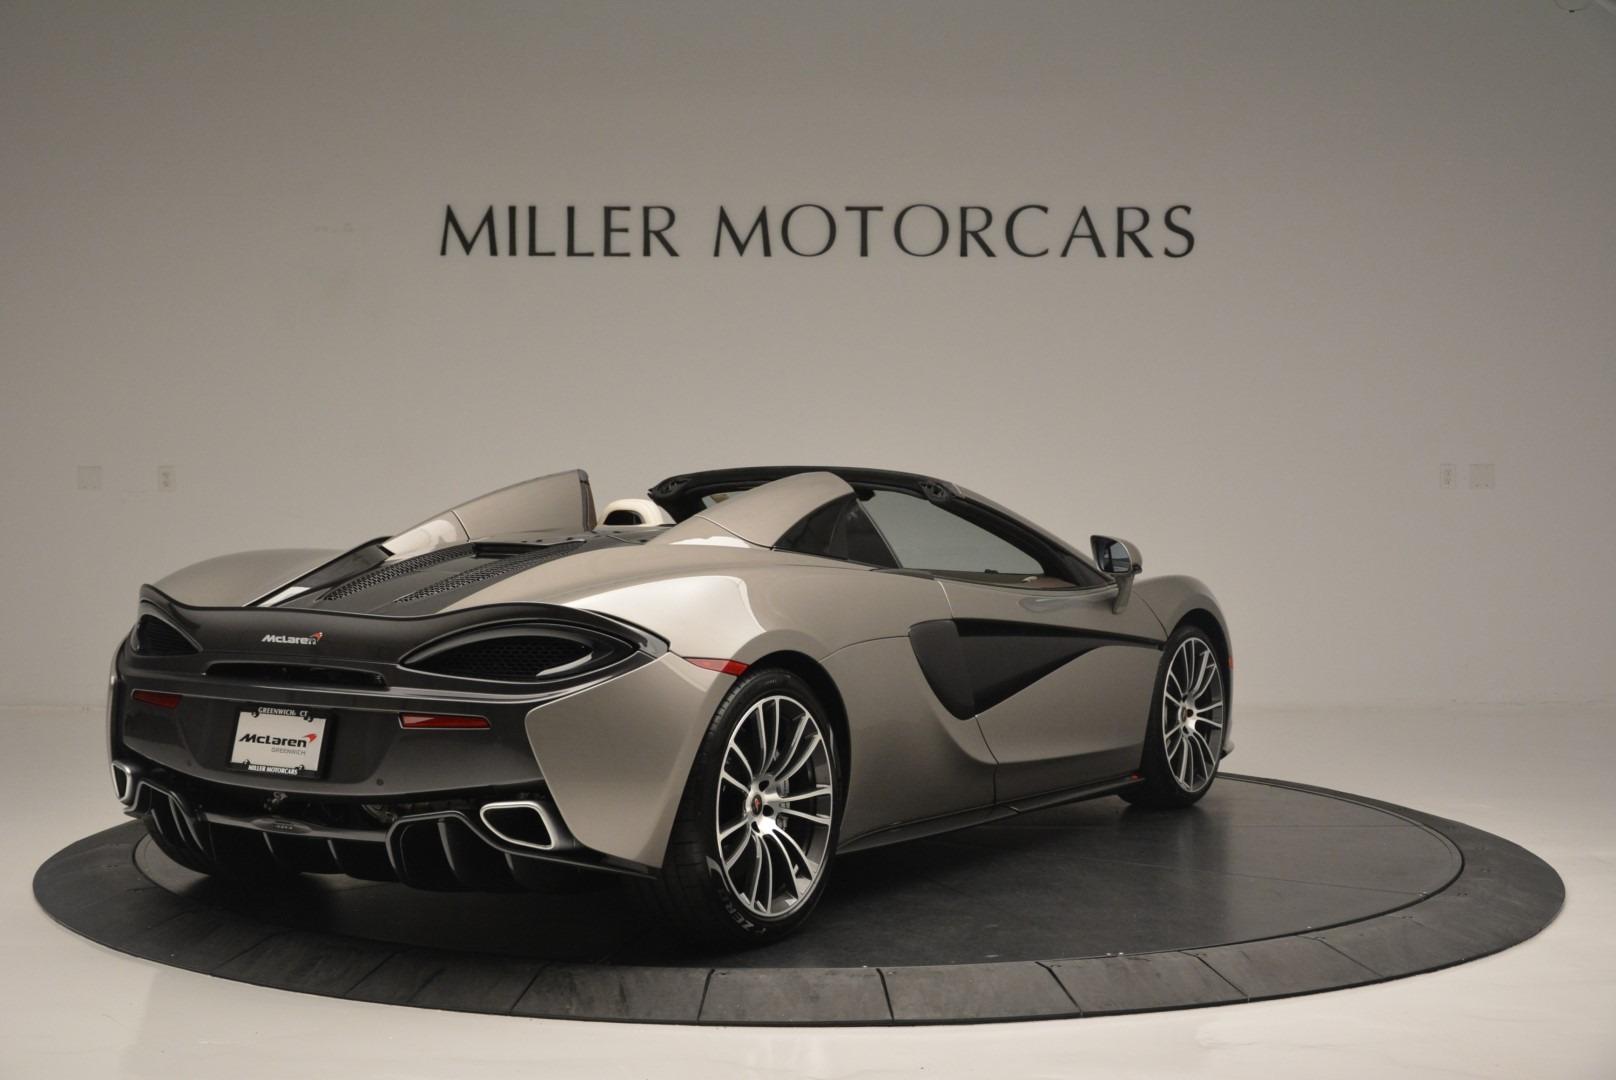 New 2018 McLaren 570S Spider For Sale In Westport, CT 2387_p7